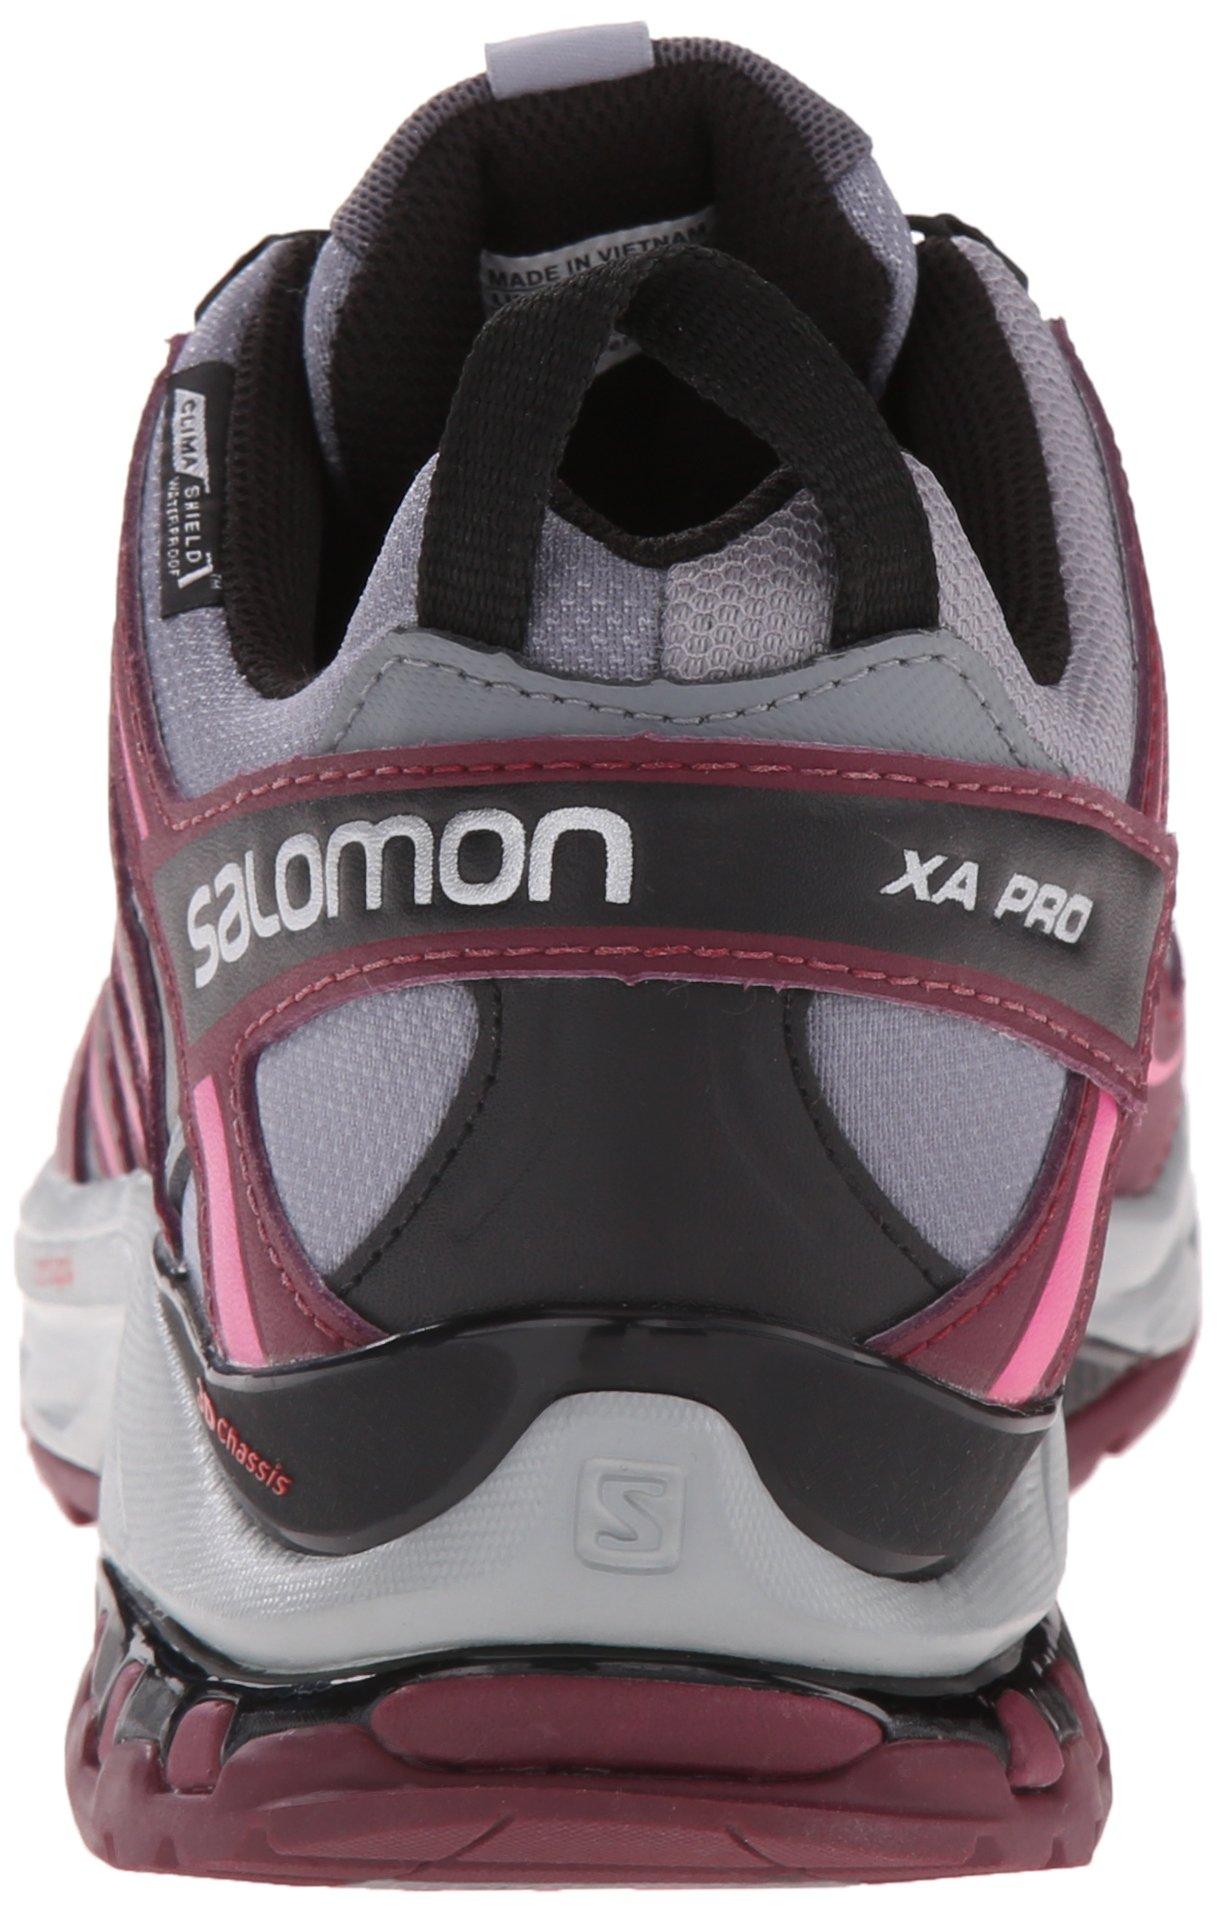 718zKj39JEL - SALOMON Women's XA PRO 3D CS WP W Trail Runner